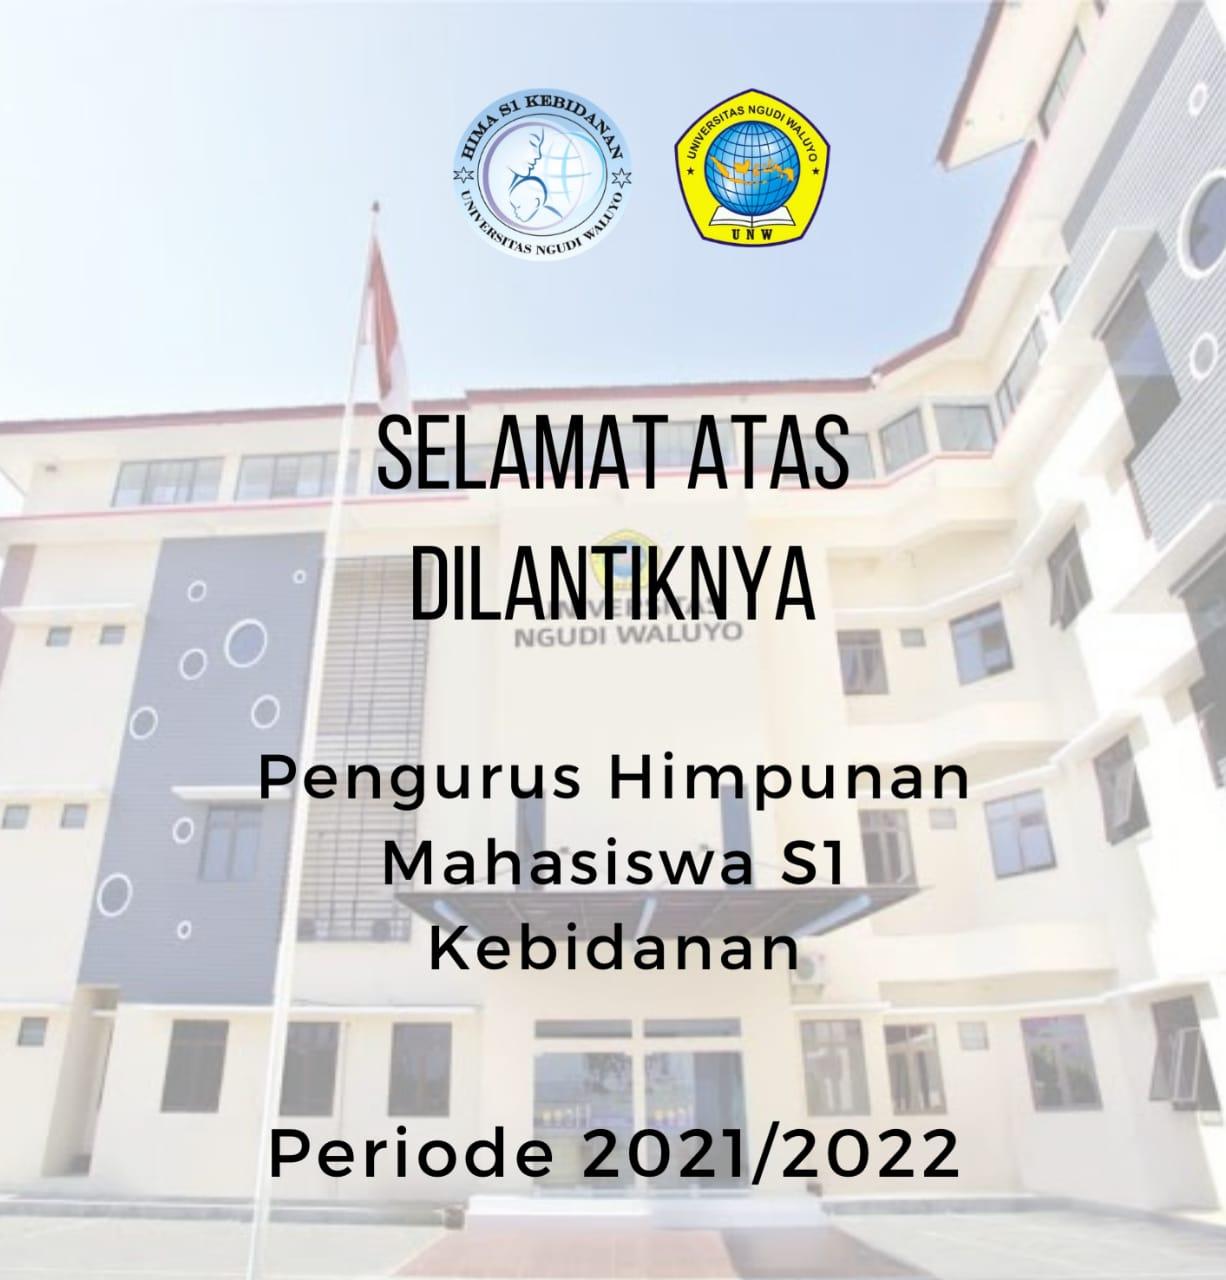 Pelantikan Hima 2020/2021